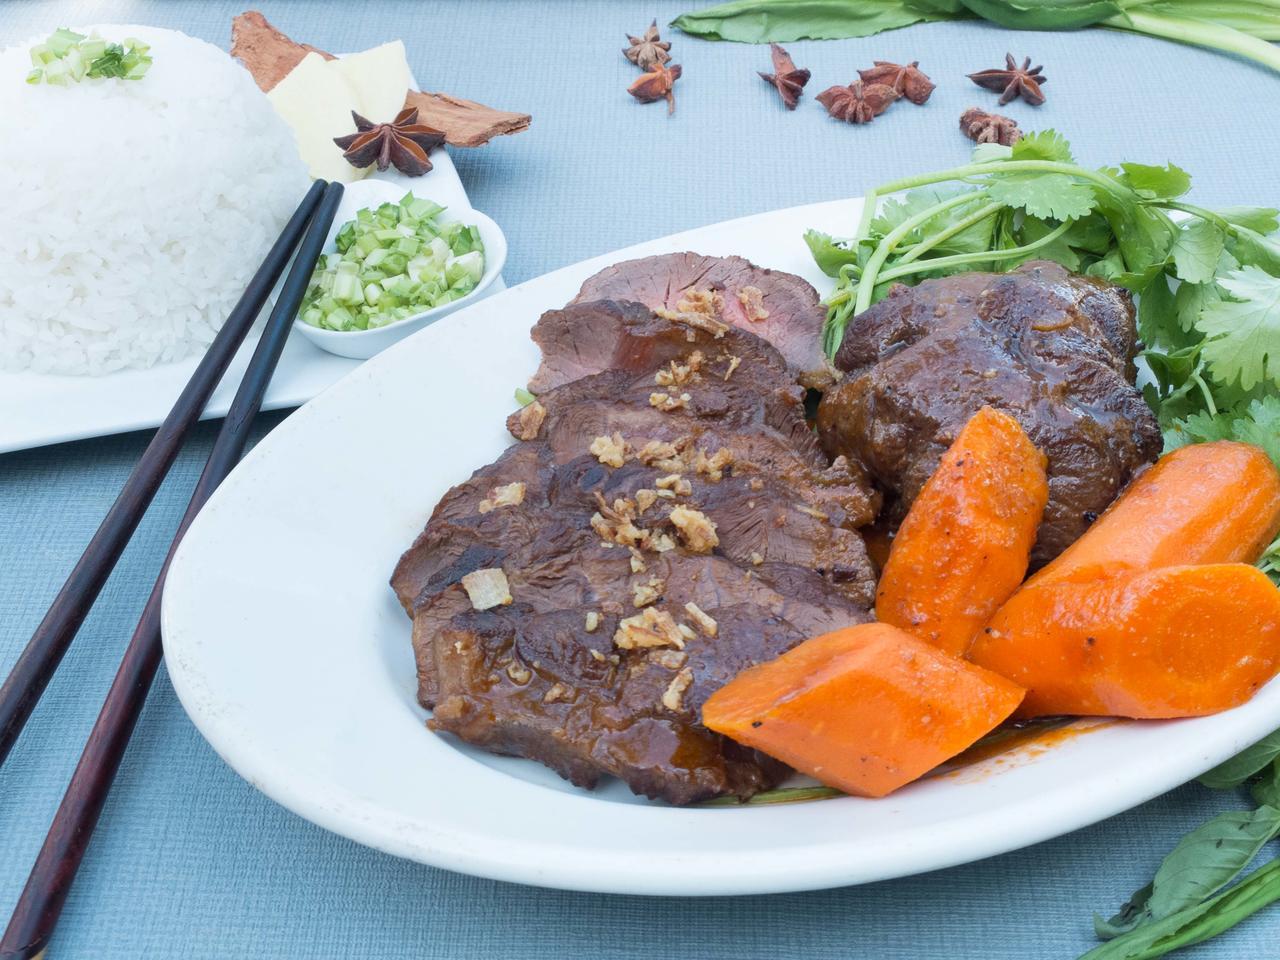 Boeuf bourguignon Saigon cuisiné par Kevin